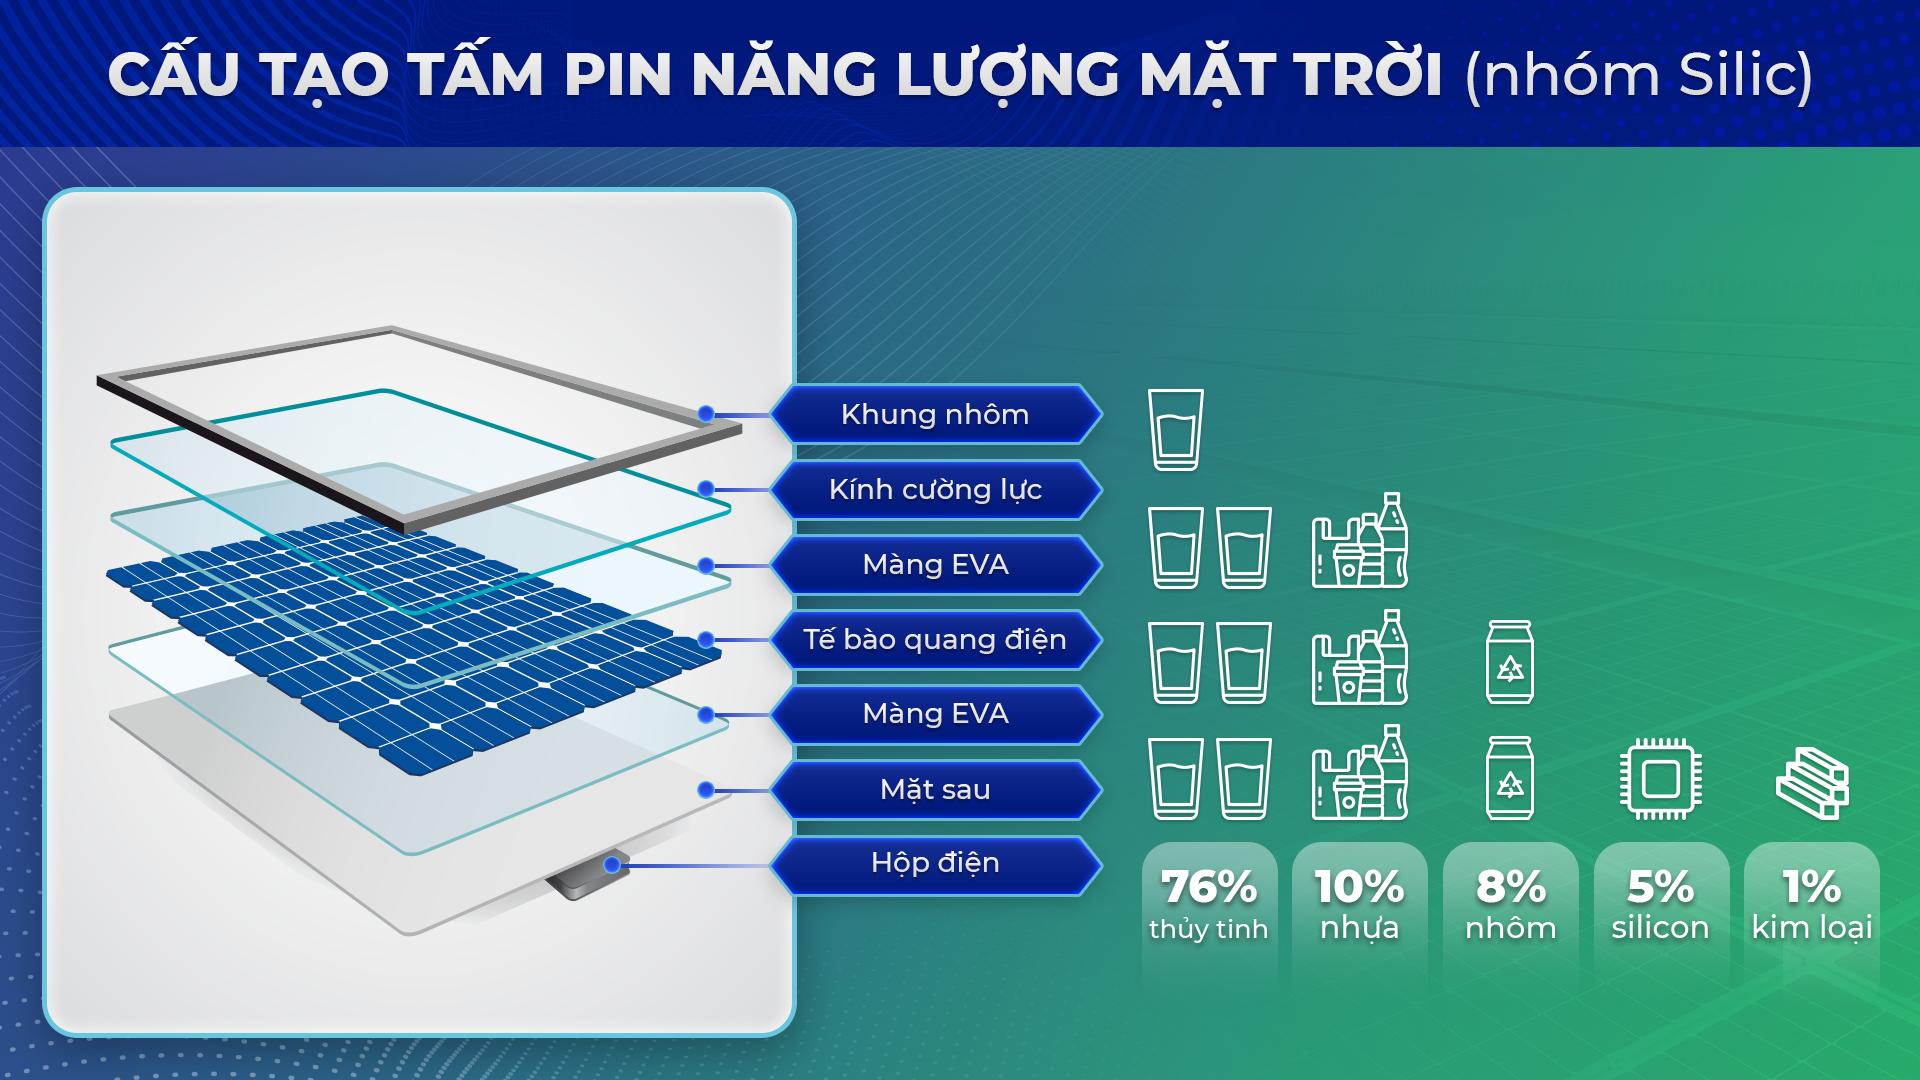 Tấm pin năng lượng mặt trời, vòng tuần hoàn từ mái nhà đến tái chế